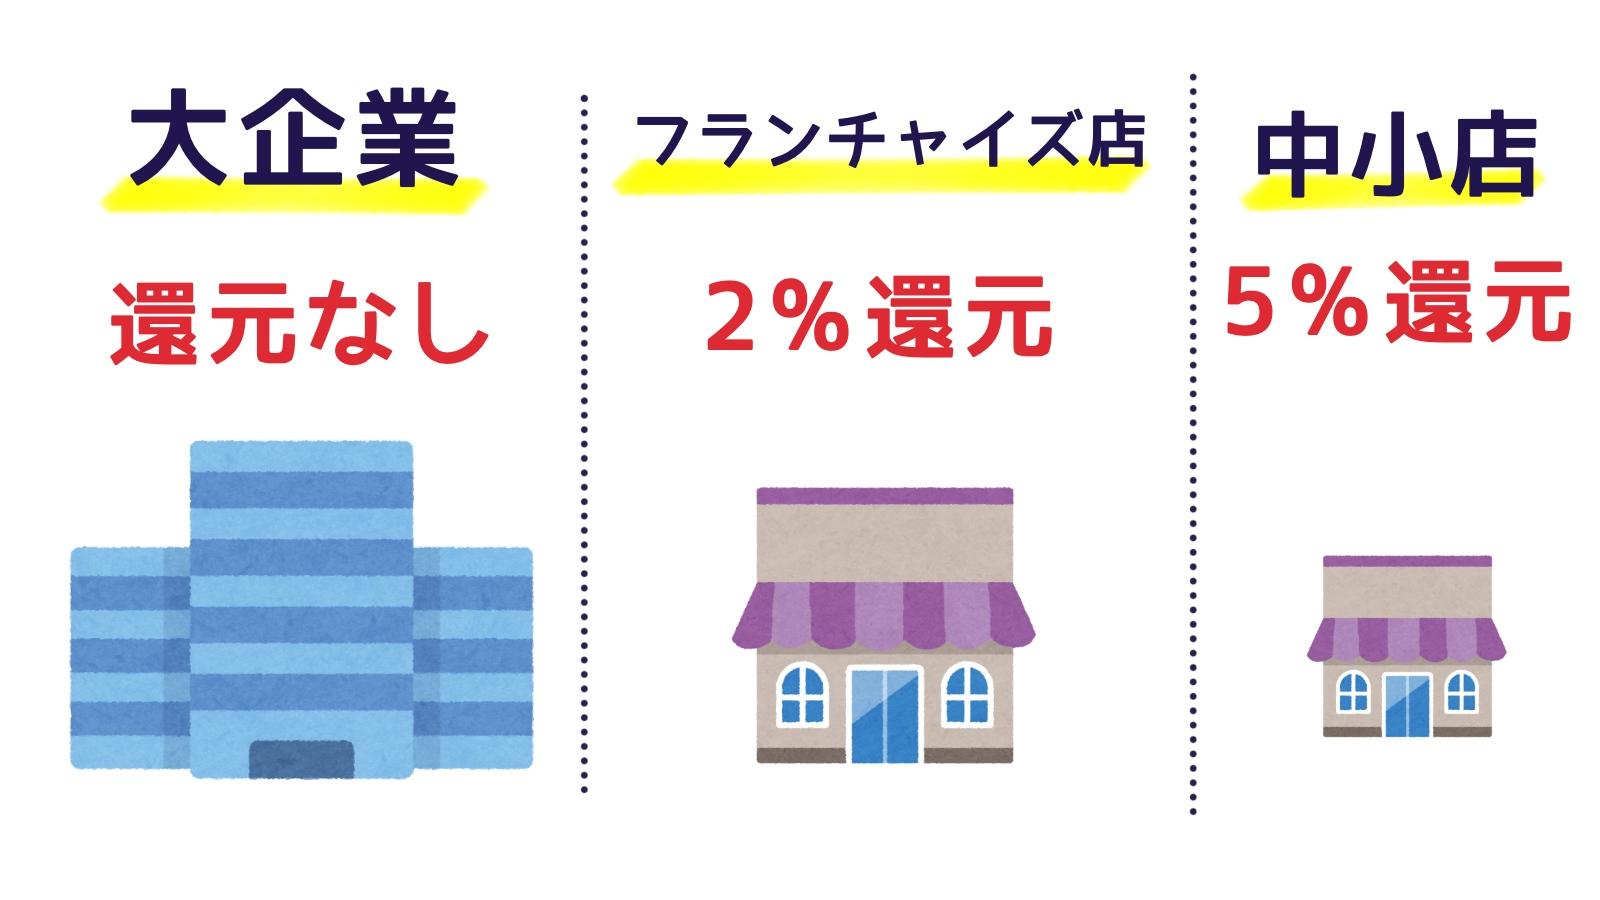 ポイント還元率は店の規模によって変わる